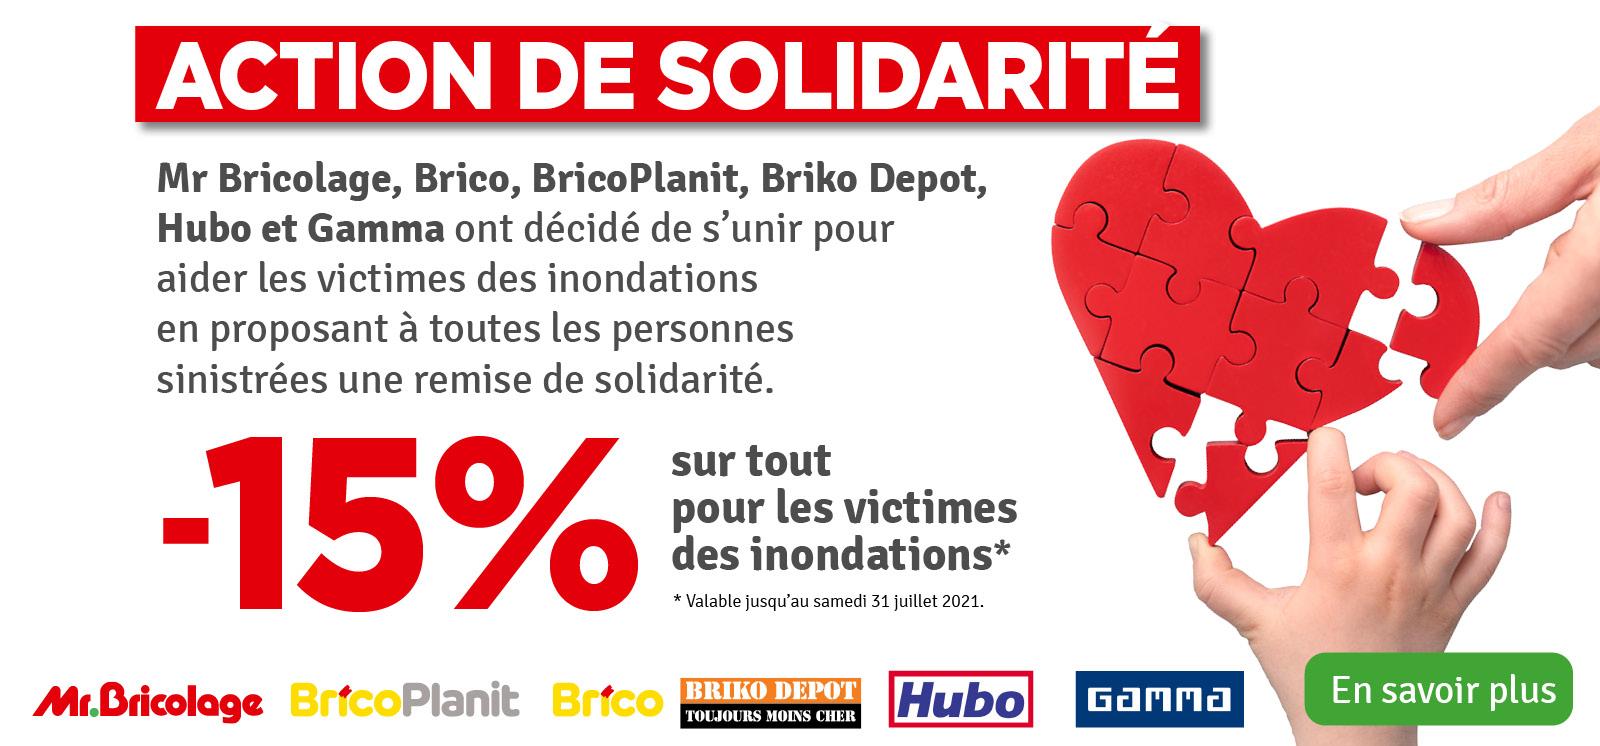 Action solidarité